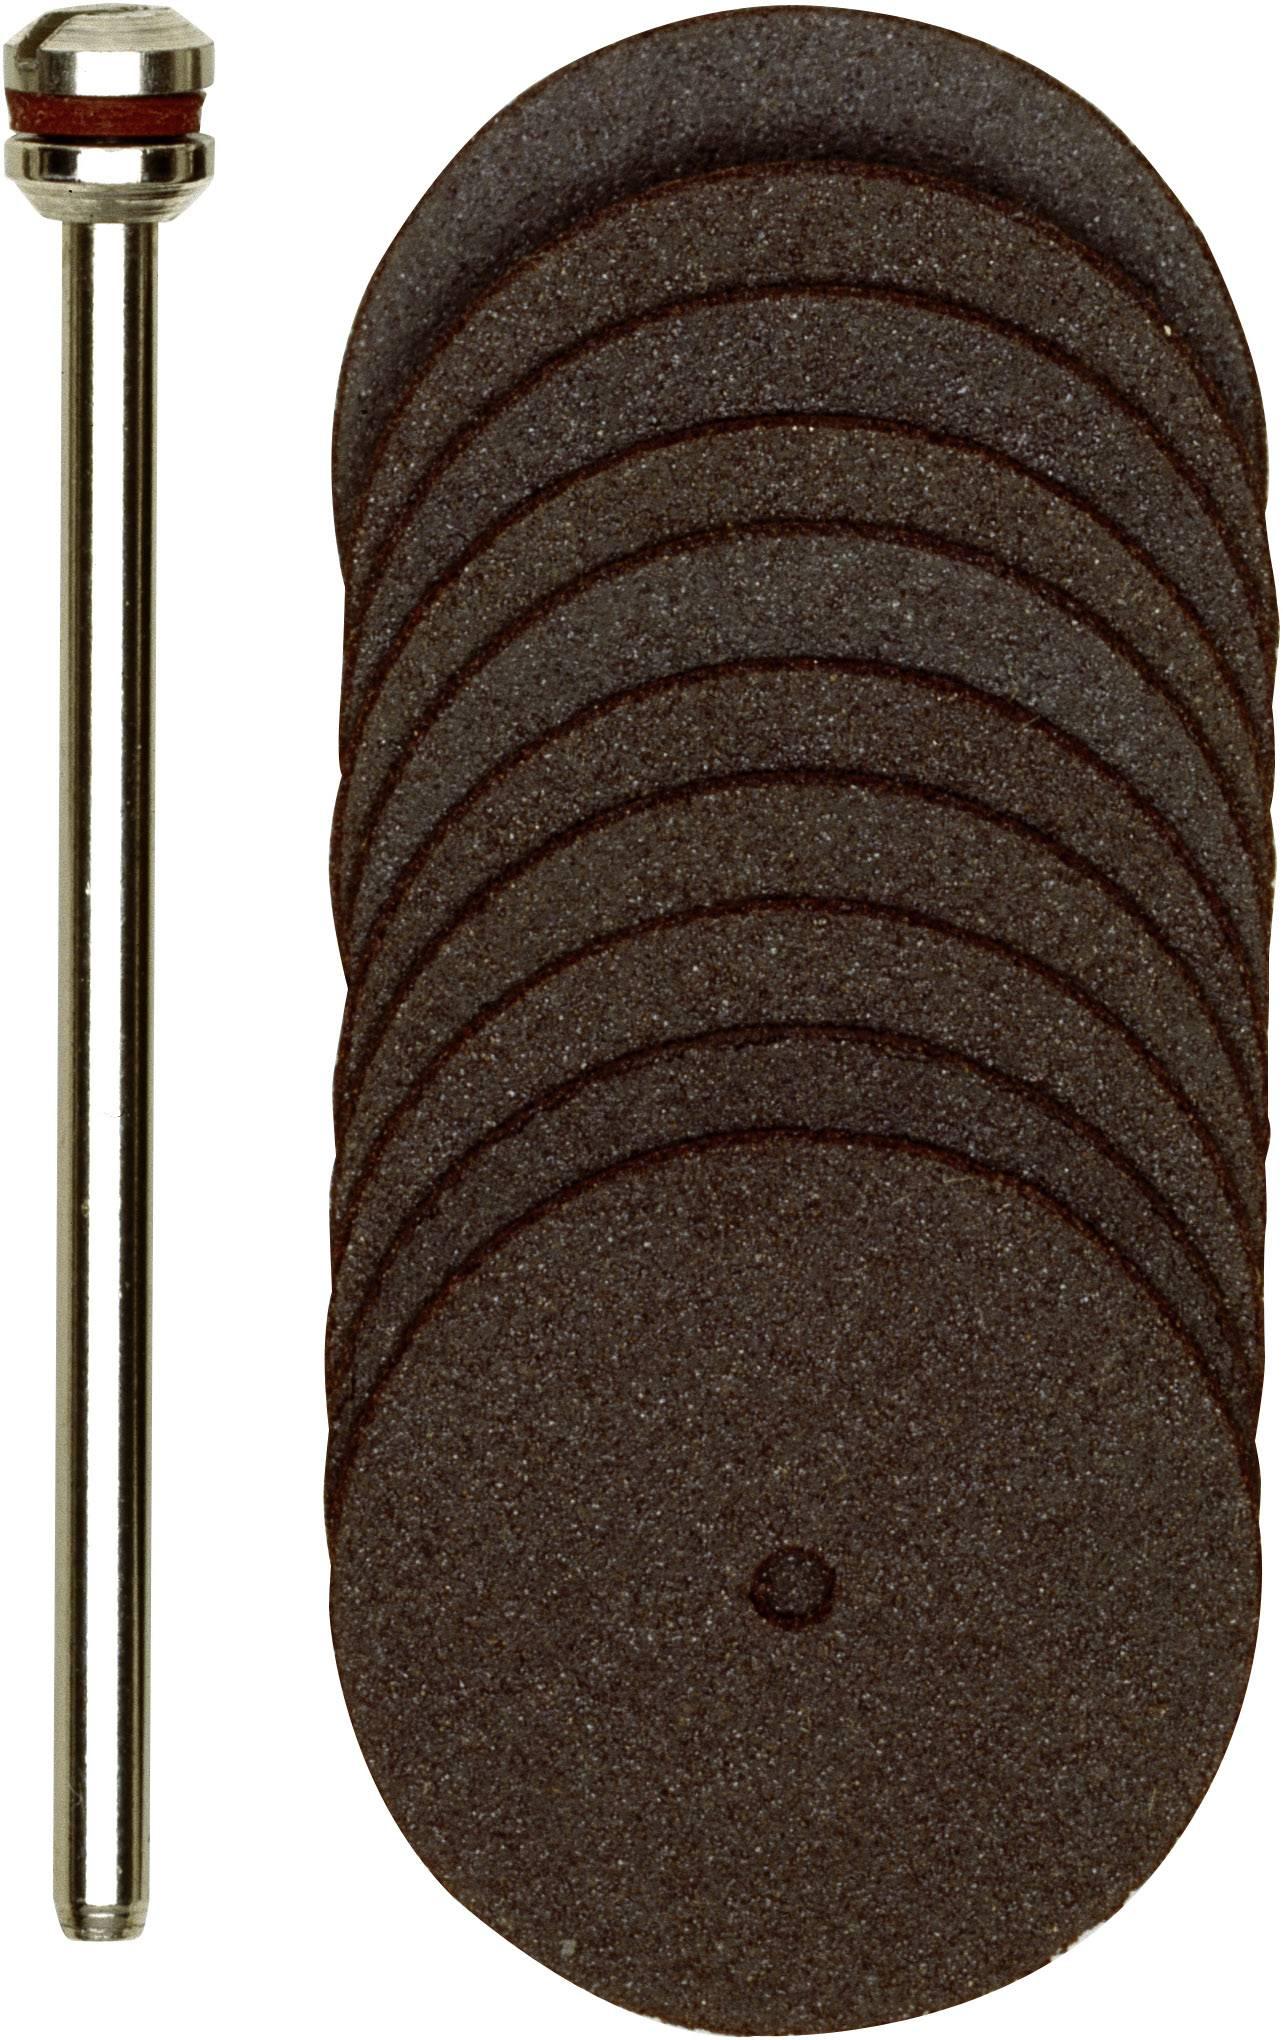 Sada rozbrušovacích kotoučů Proxxon Micromot, Ø 22 mm, 11 ks